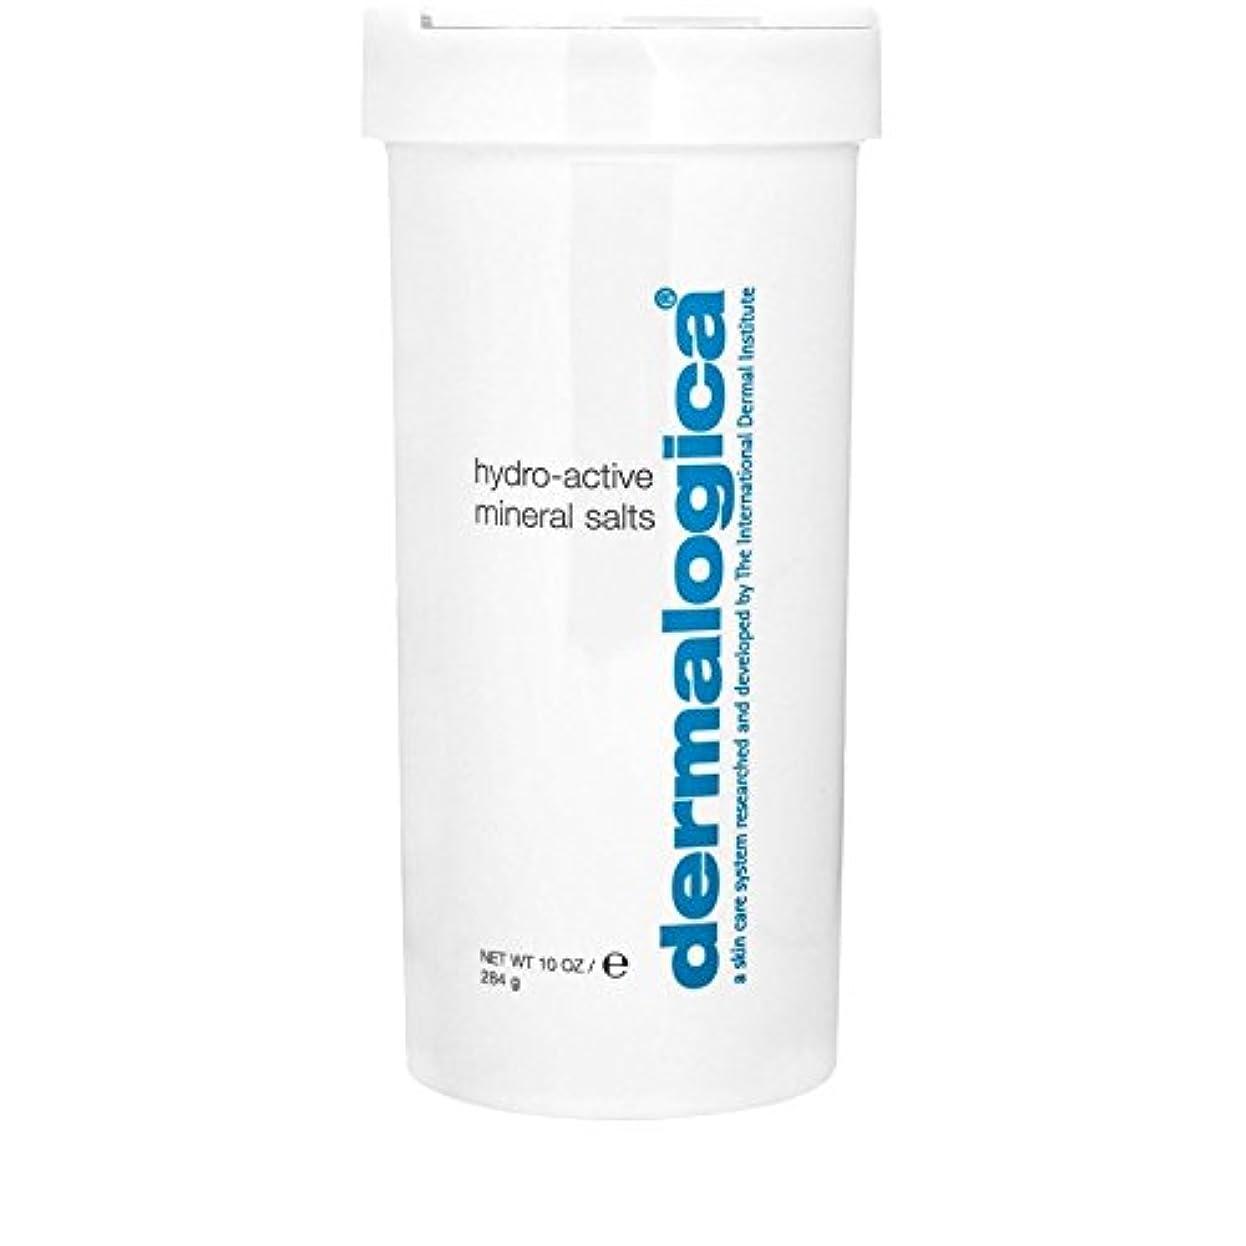 支出付添人昨日ダーマロジカ水力アクティブミネラル塩284グラム x2 - Dermalogica Hydro Active Mineral Salt 284g (Pack of 2) [並行輸入品]